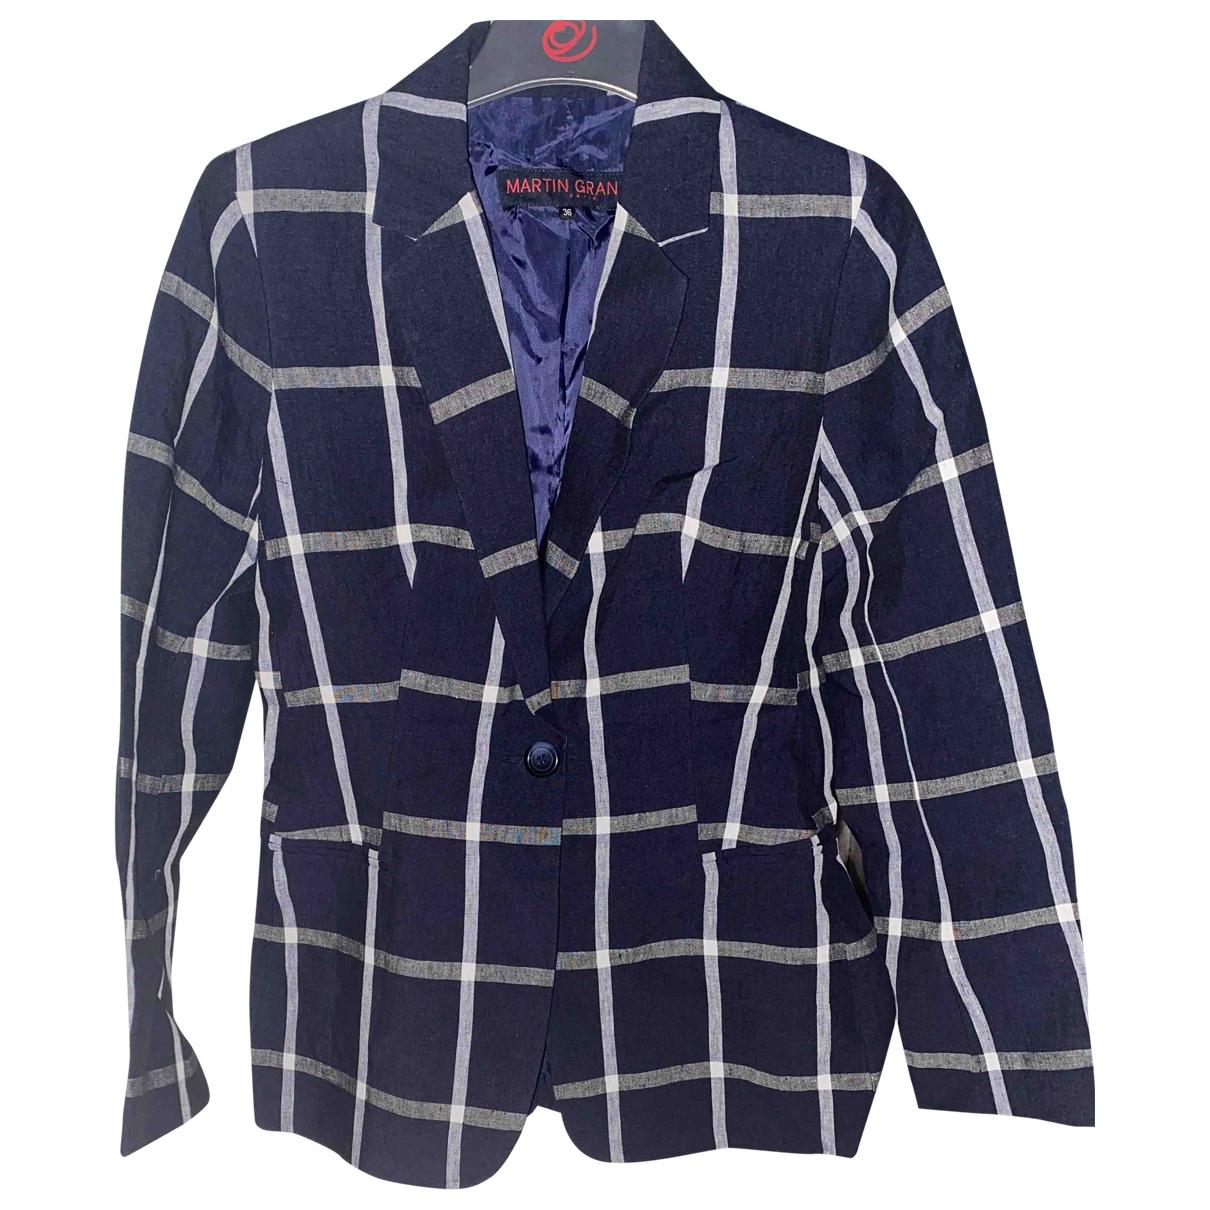 Martin Grant \N Blue Linen jacket for Women 36 FR